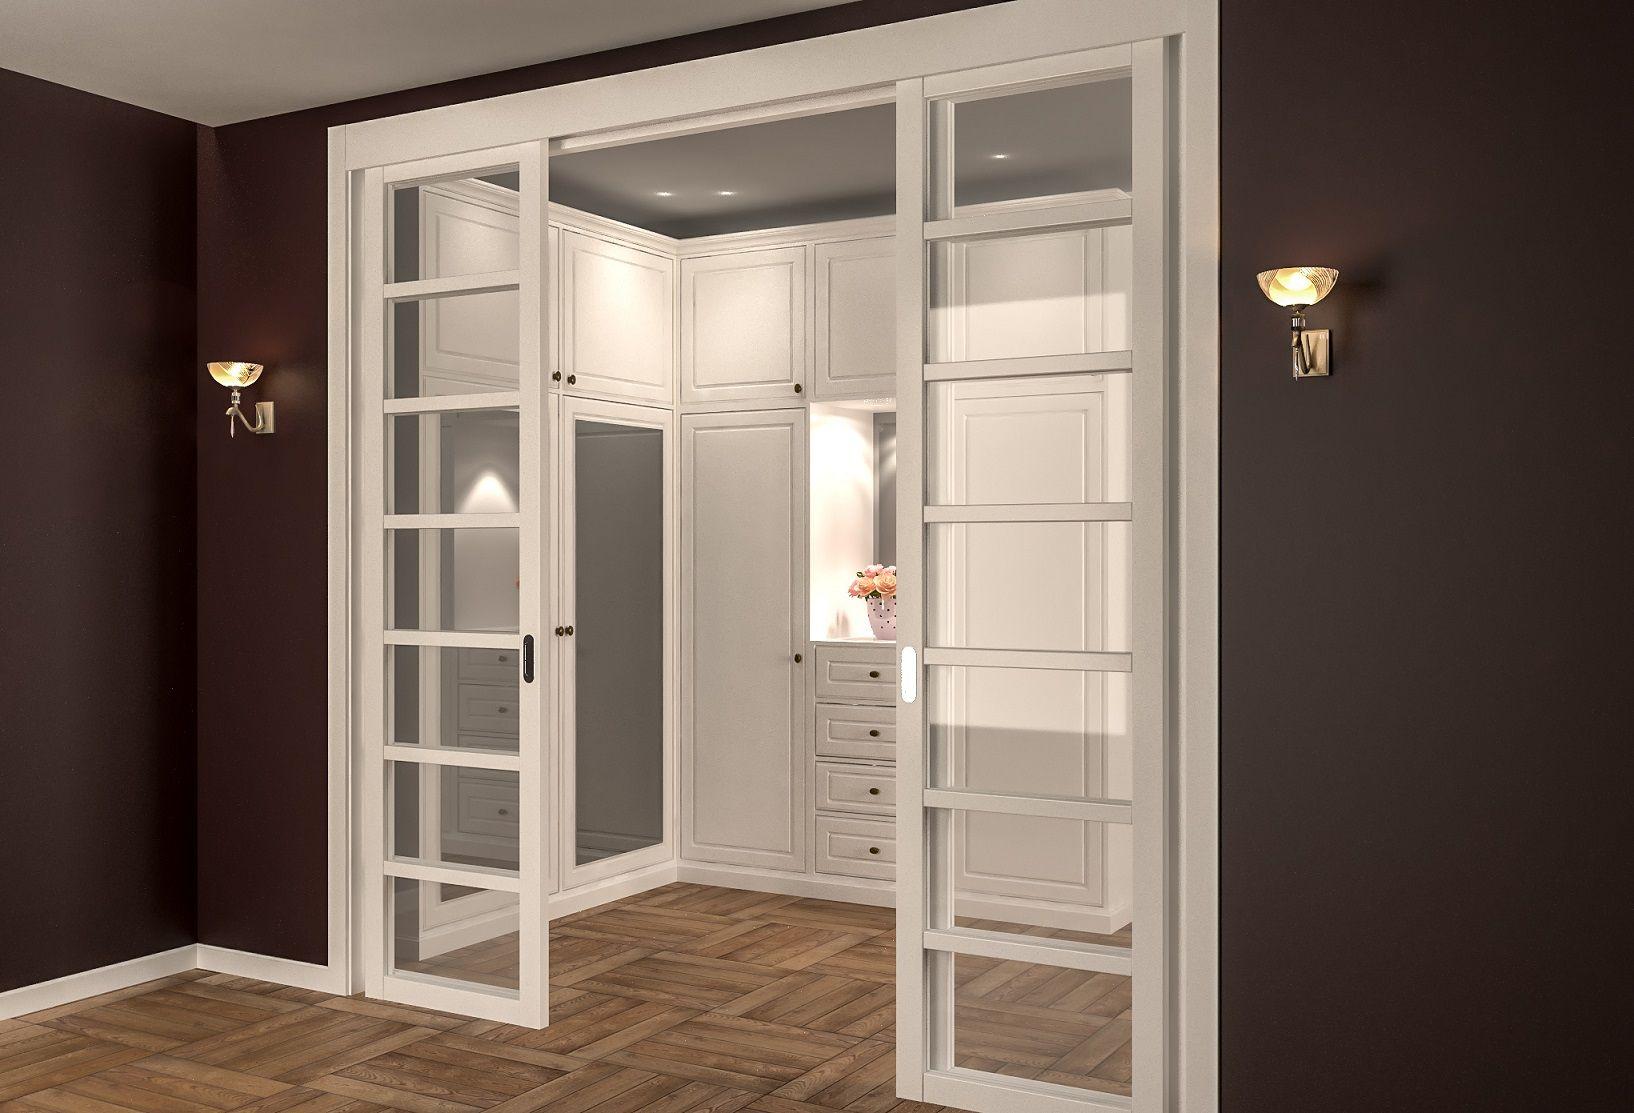 раздвижные двери межкомнатные перегородки классика 0021b на